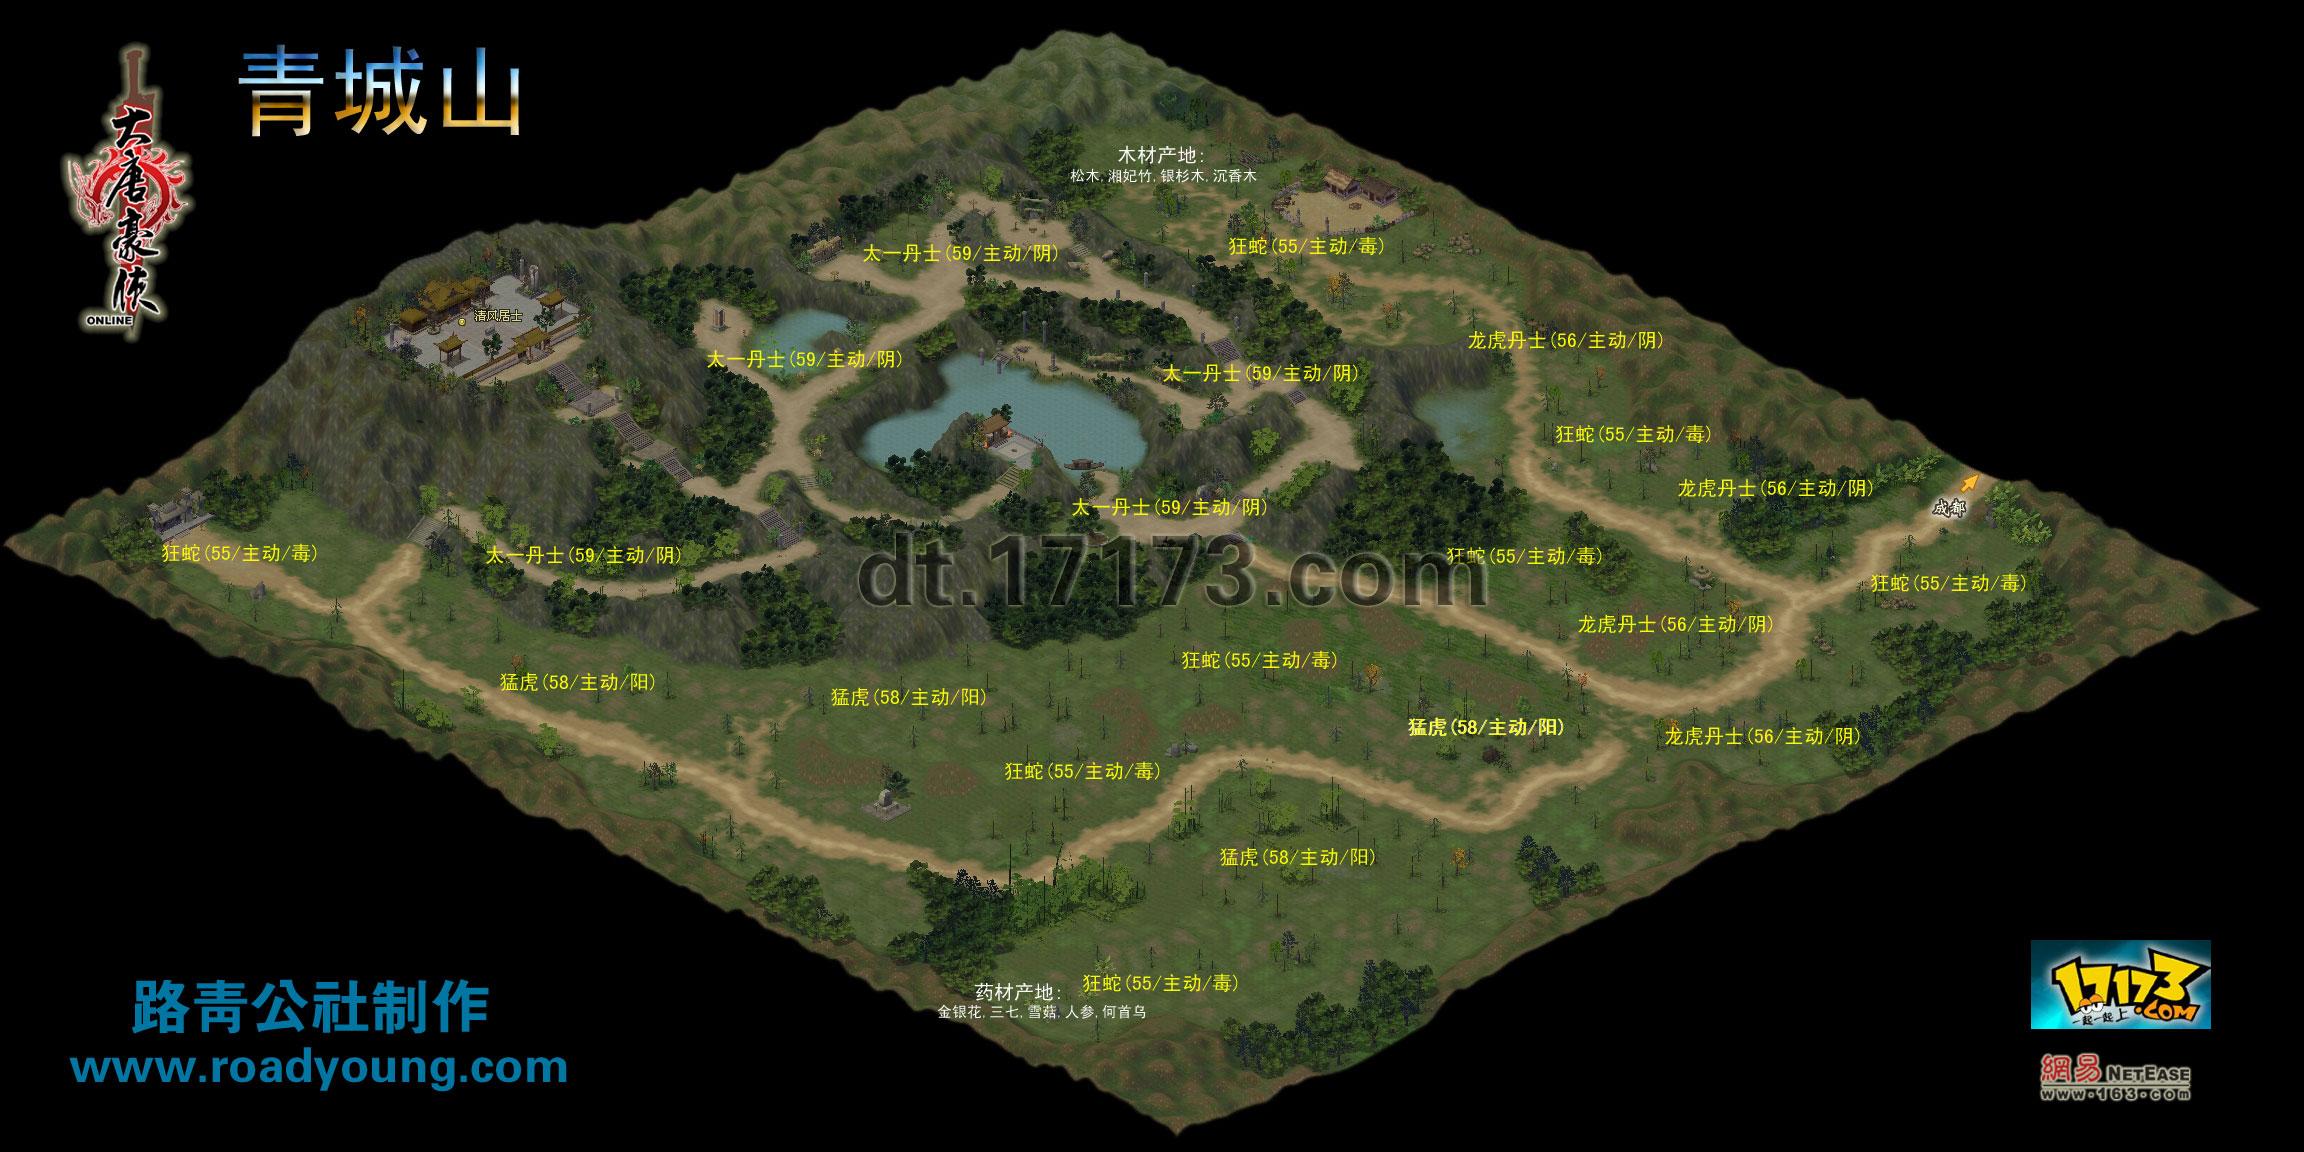 青城山游戏地图